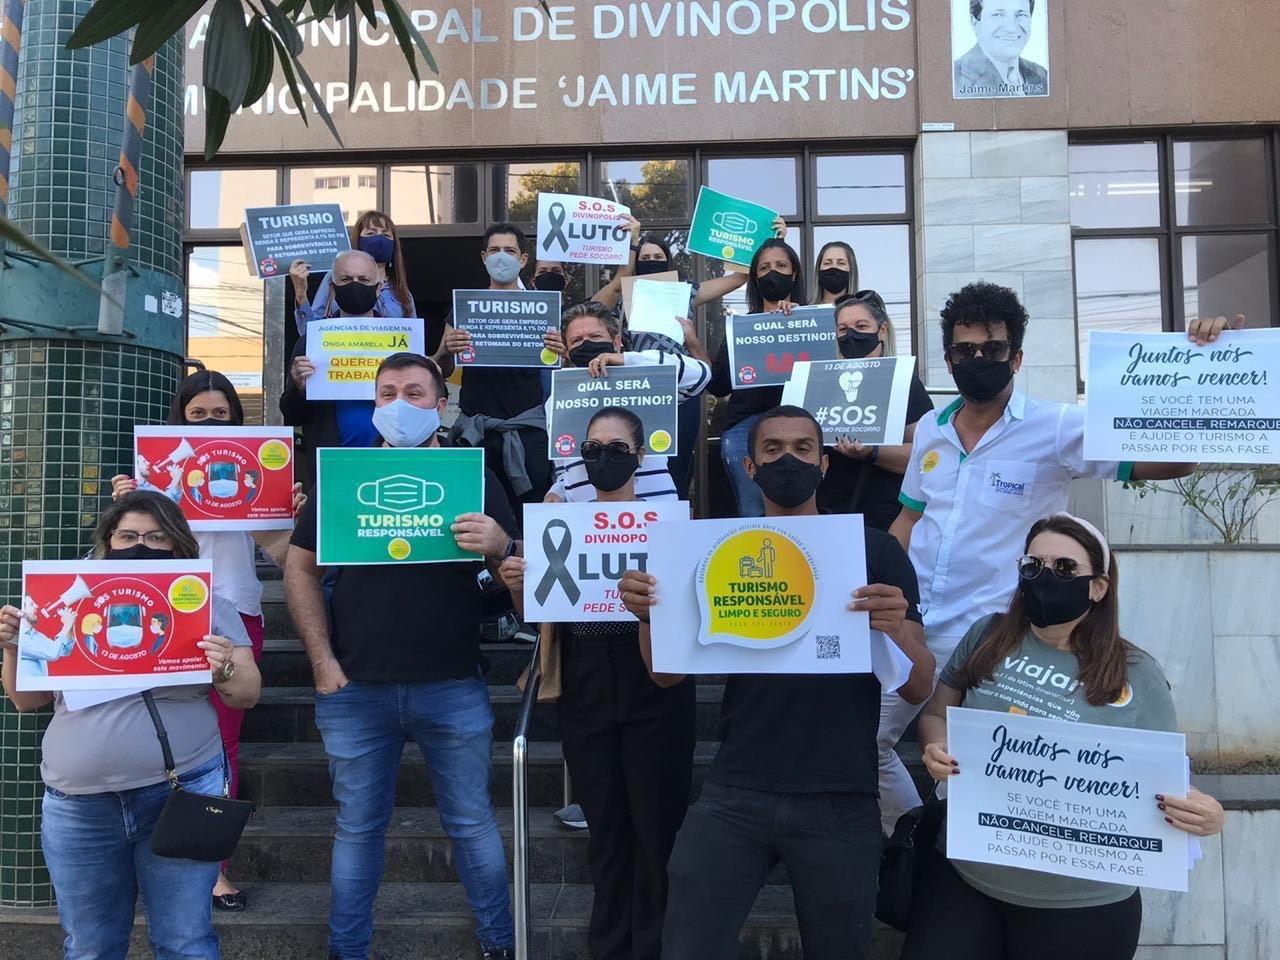 Representantes de agências de turismo fazem manifestação pedindo retomada do setor em Divinópolis